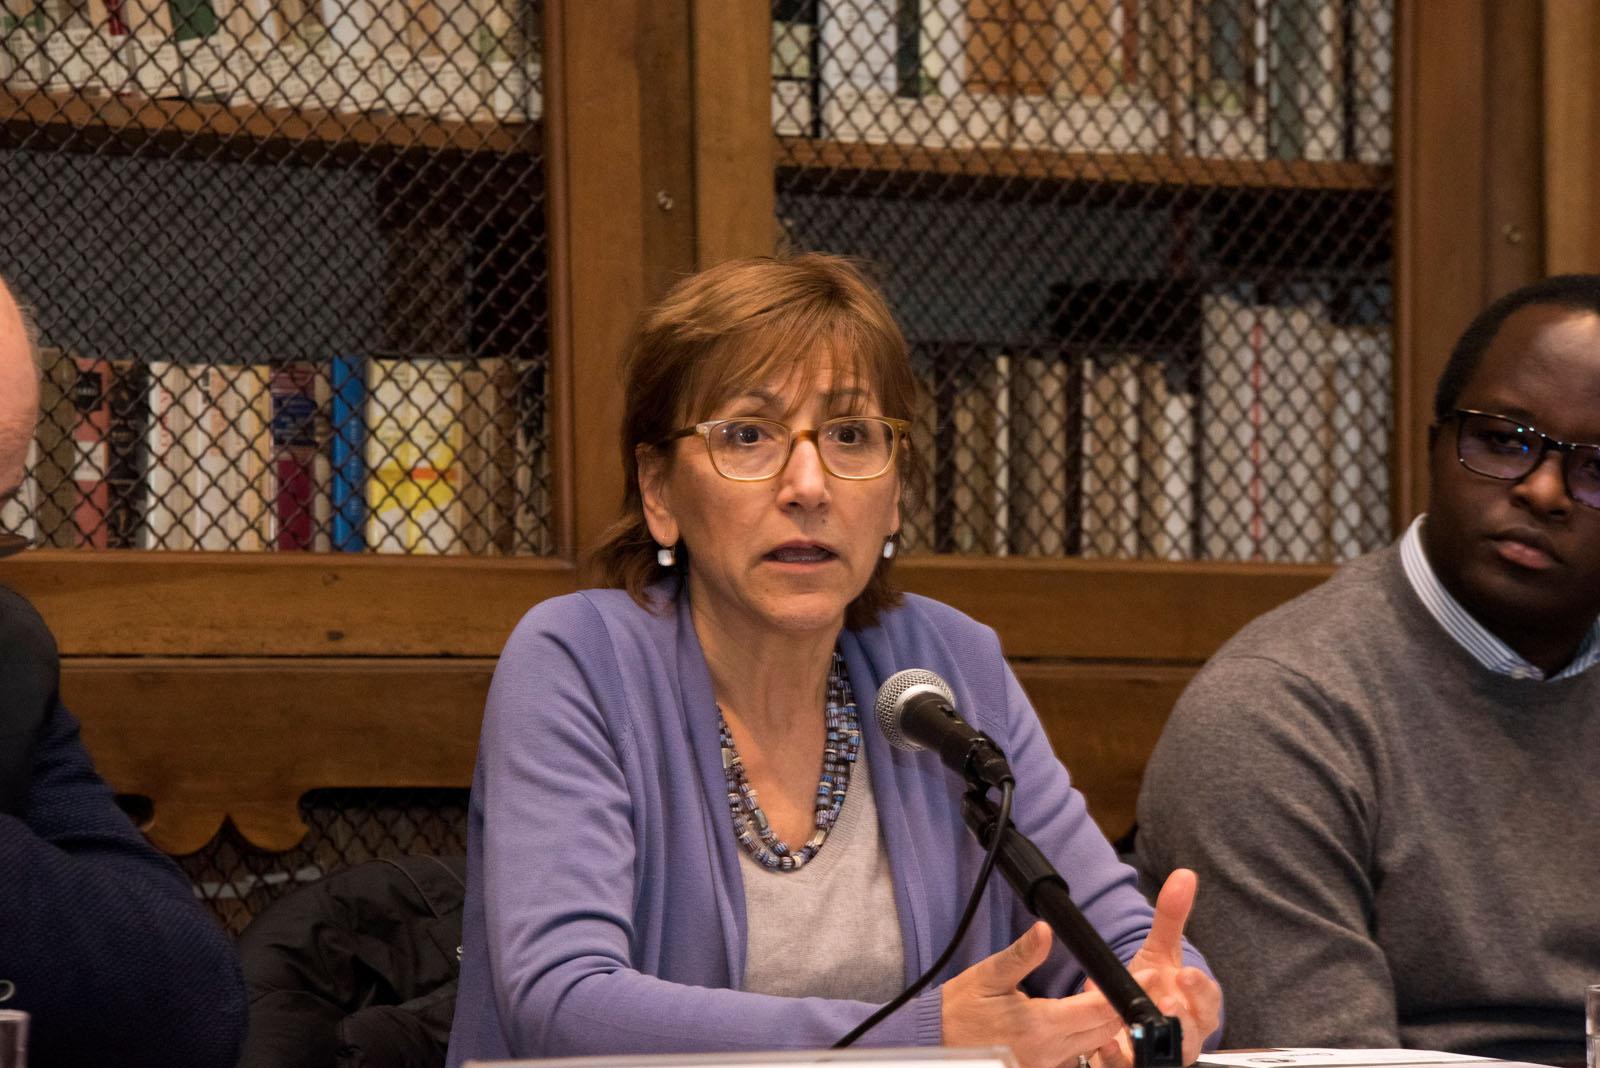 Milena Santerini, Ordinario di Pedagogia dell'Università Cattolica del Sacro Cuore, prima firmataria della Legge 212/2017